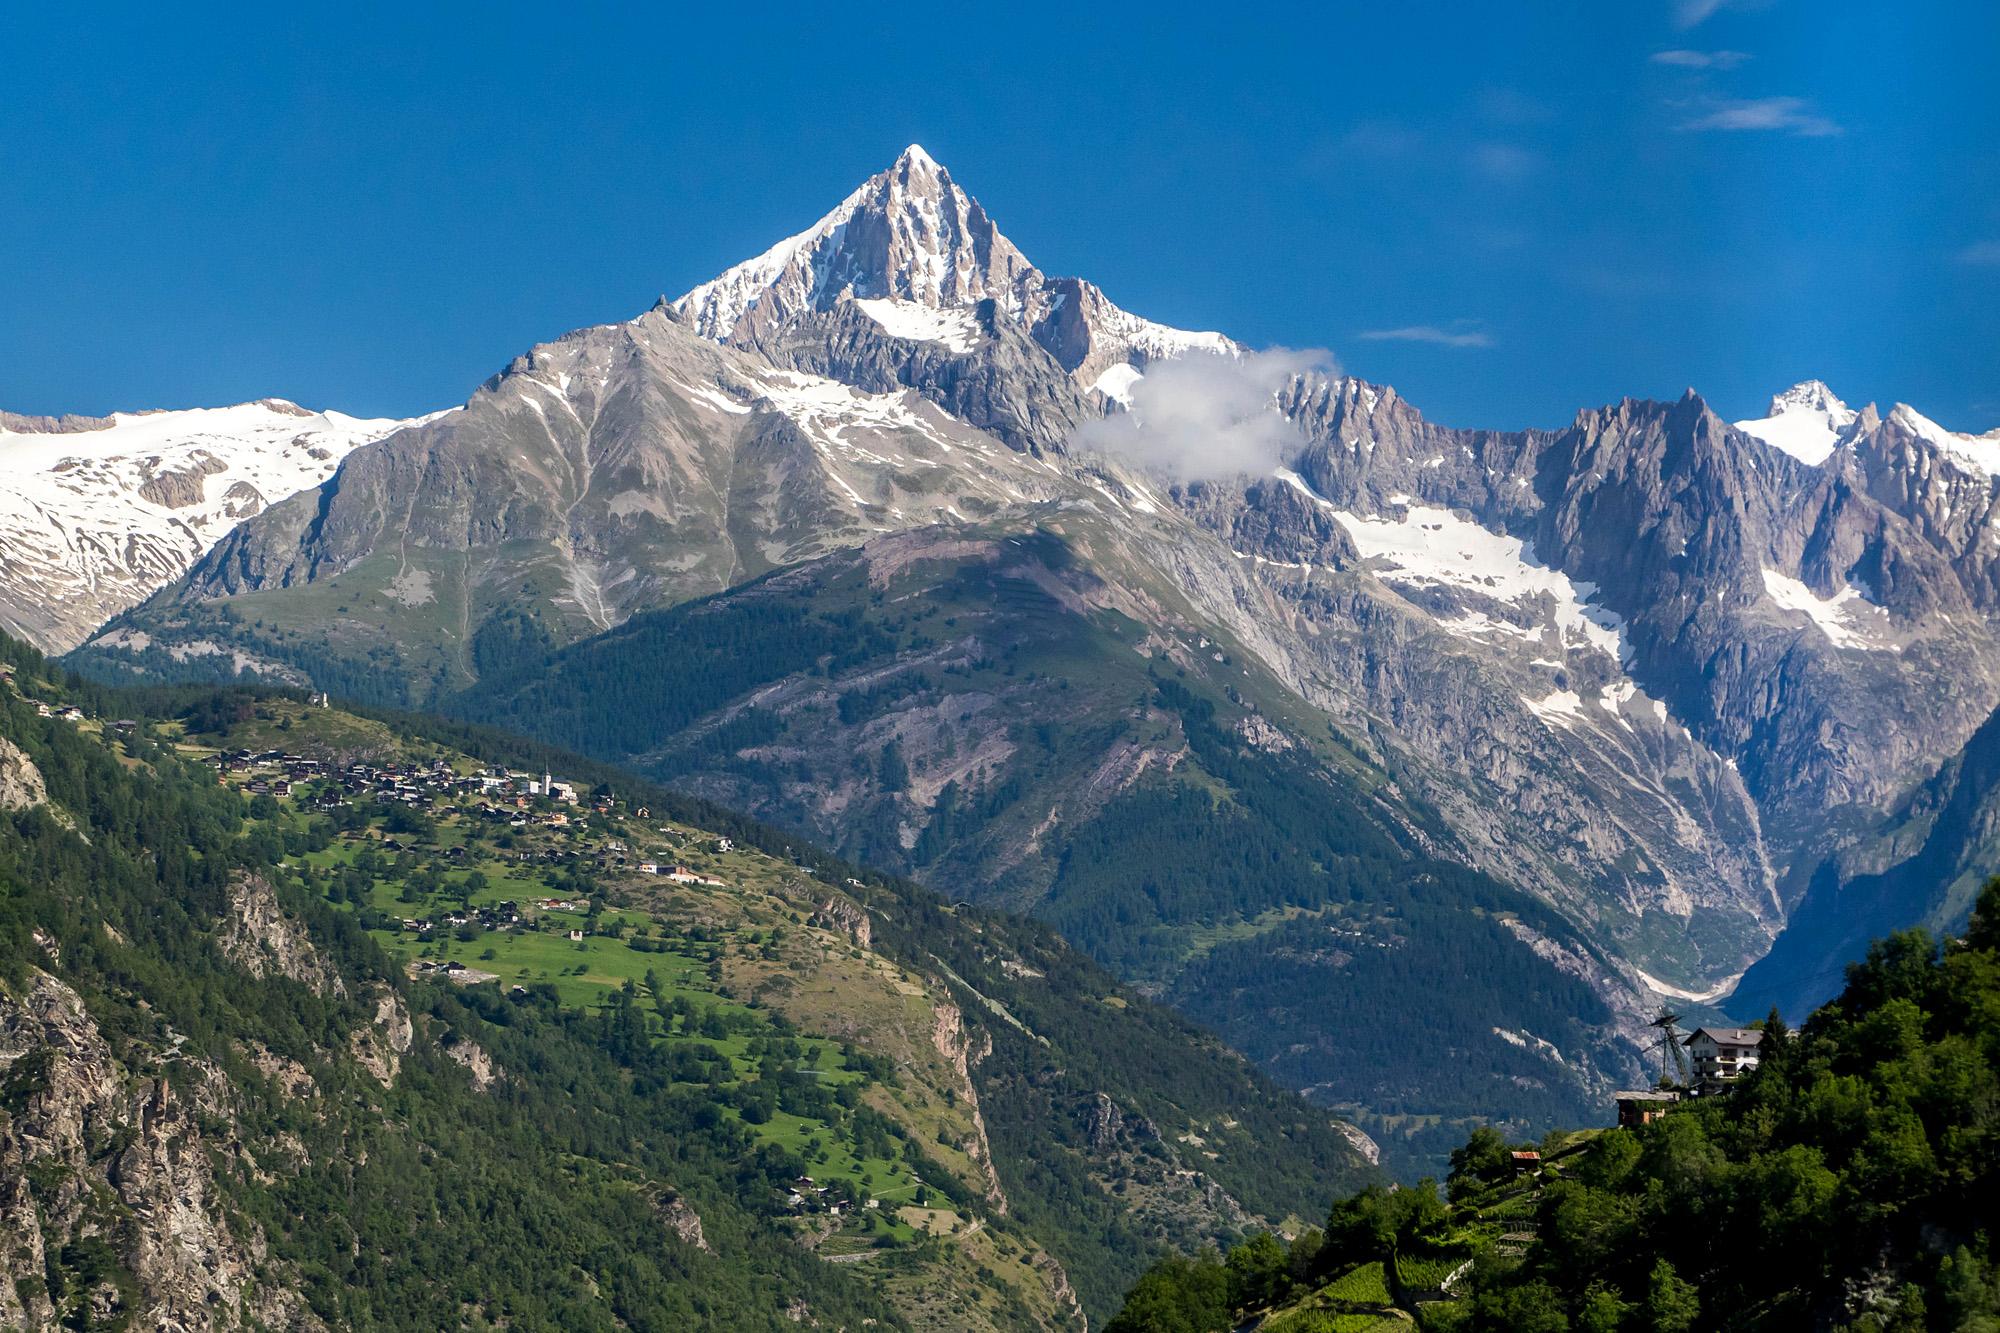 Blick auf das Bietschhorn, während der Talfahrt von Saas-Grund nach Visp